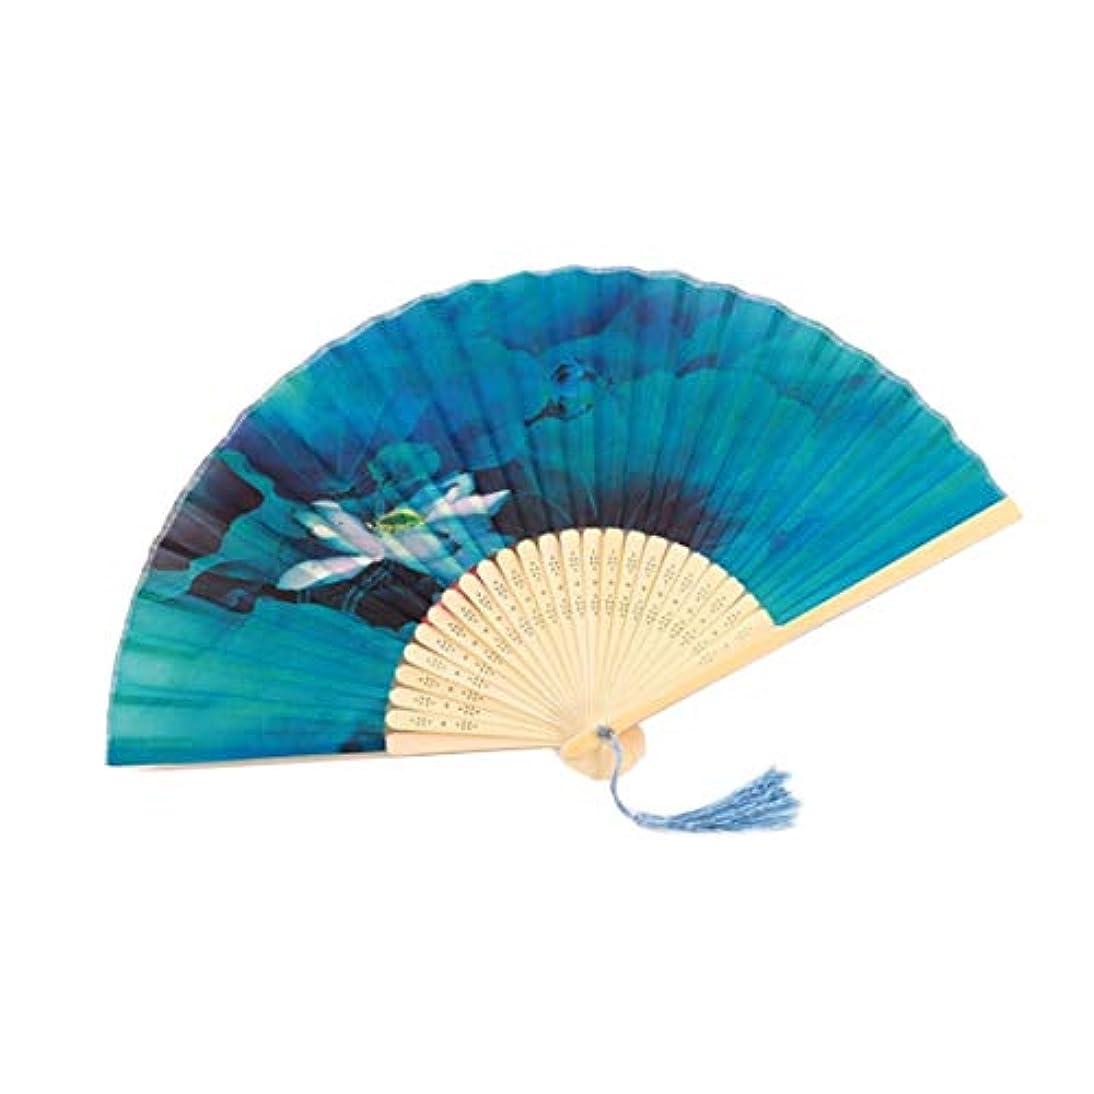 次ハッピーパノラマKATH ファン、中国のファン、ダンスファンをファン、ファン